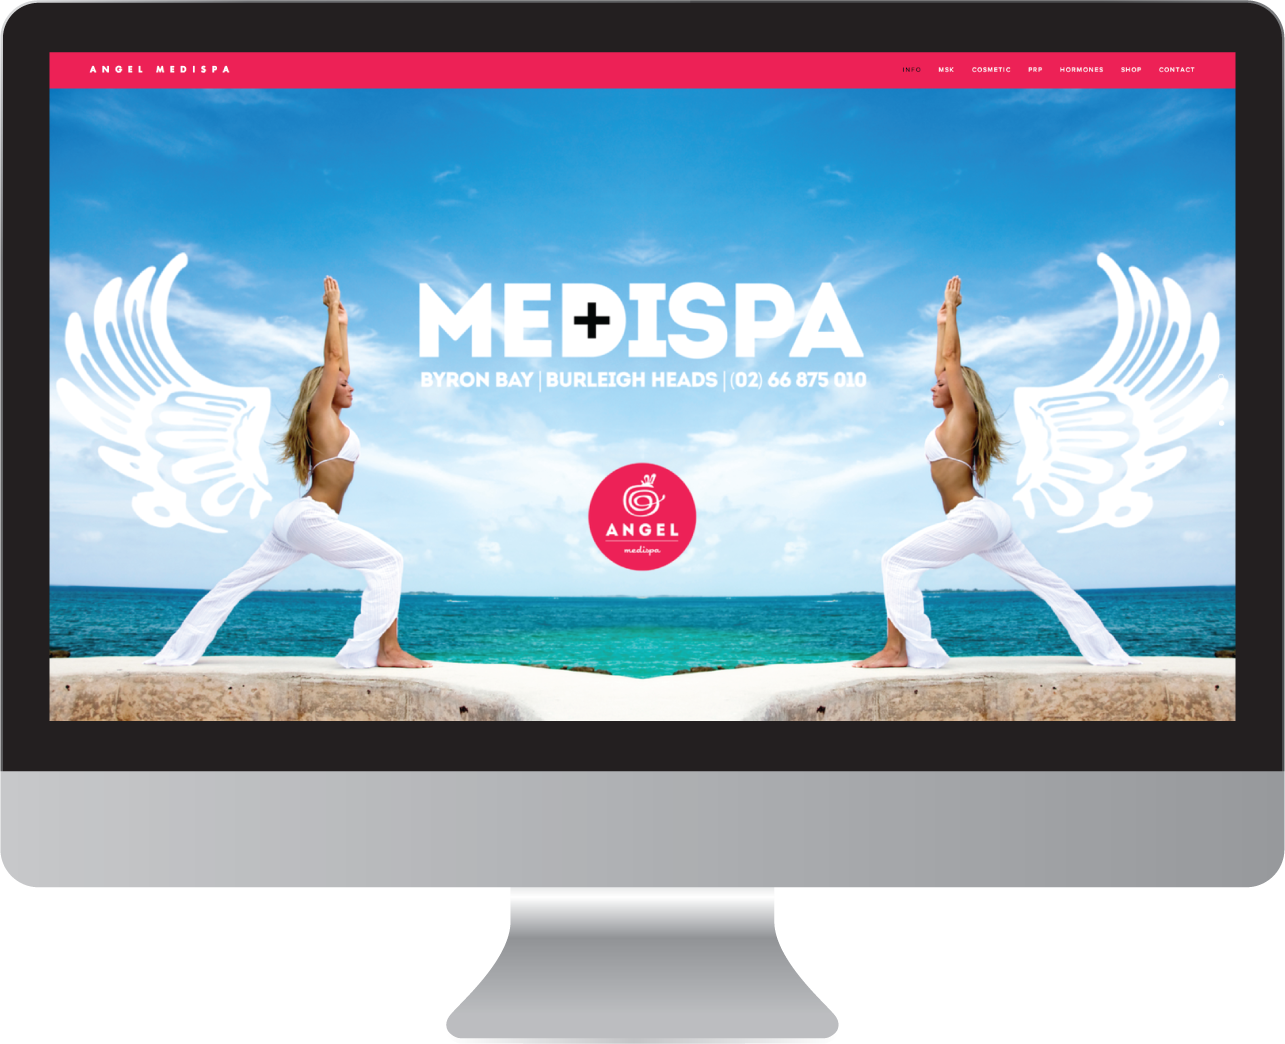 angel_website_design1.png